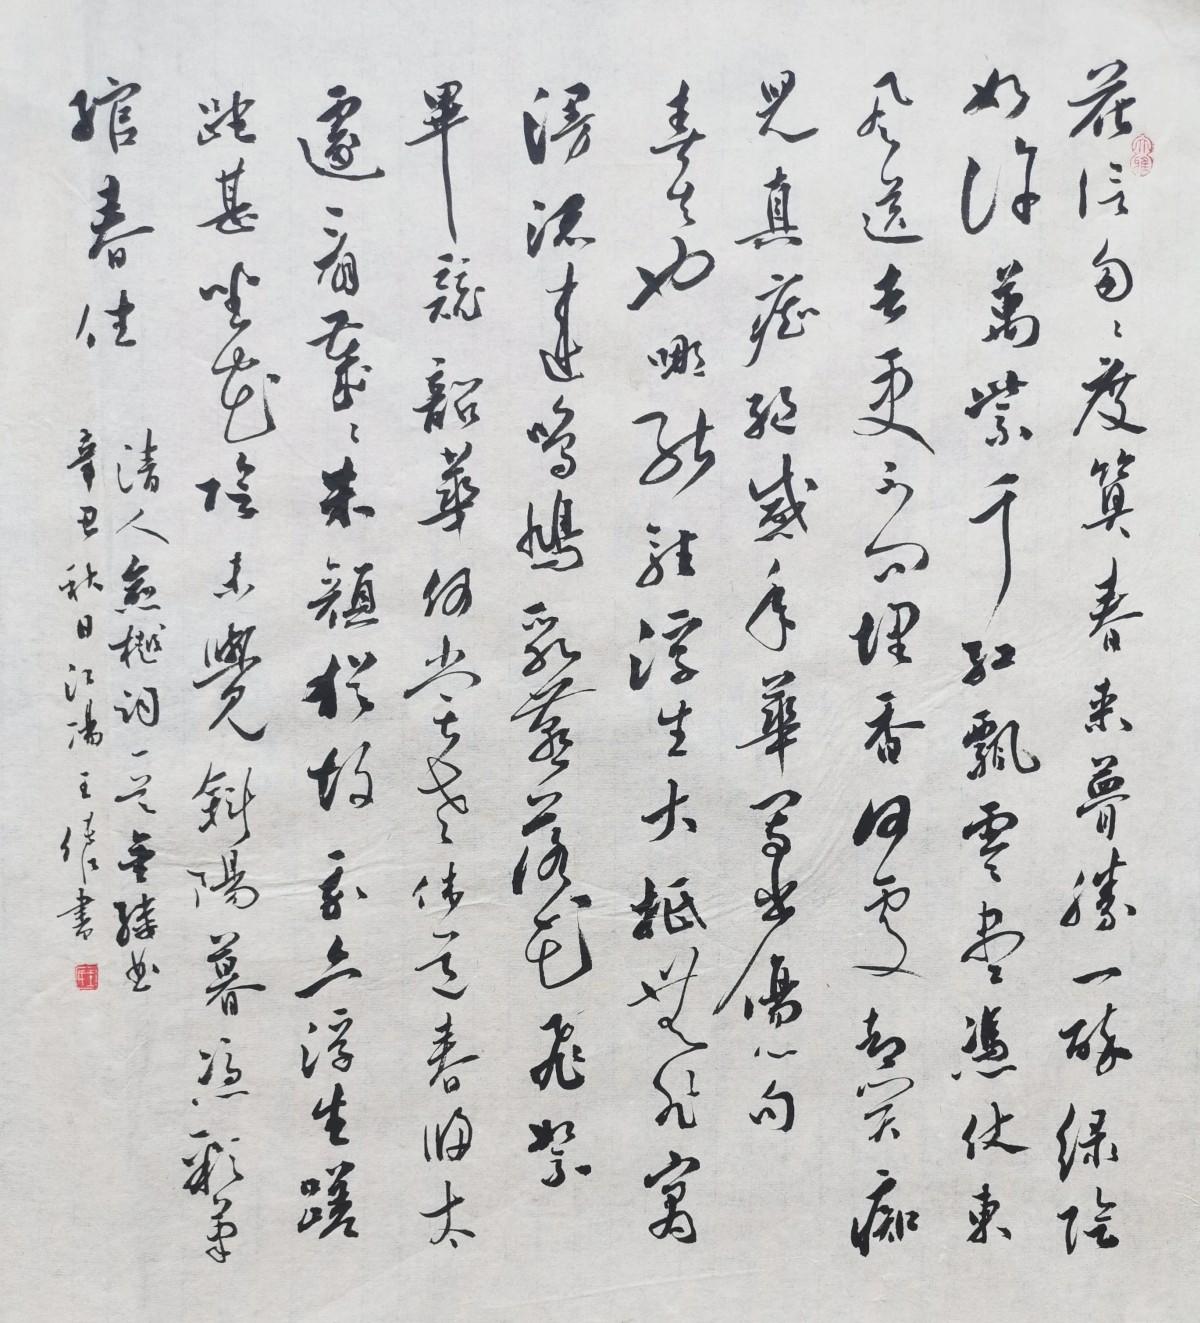 钢笔书法练字打卡20210810-12